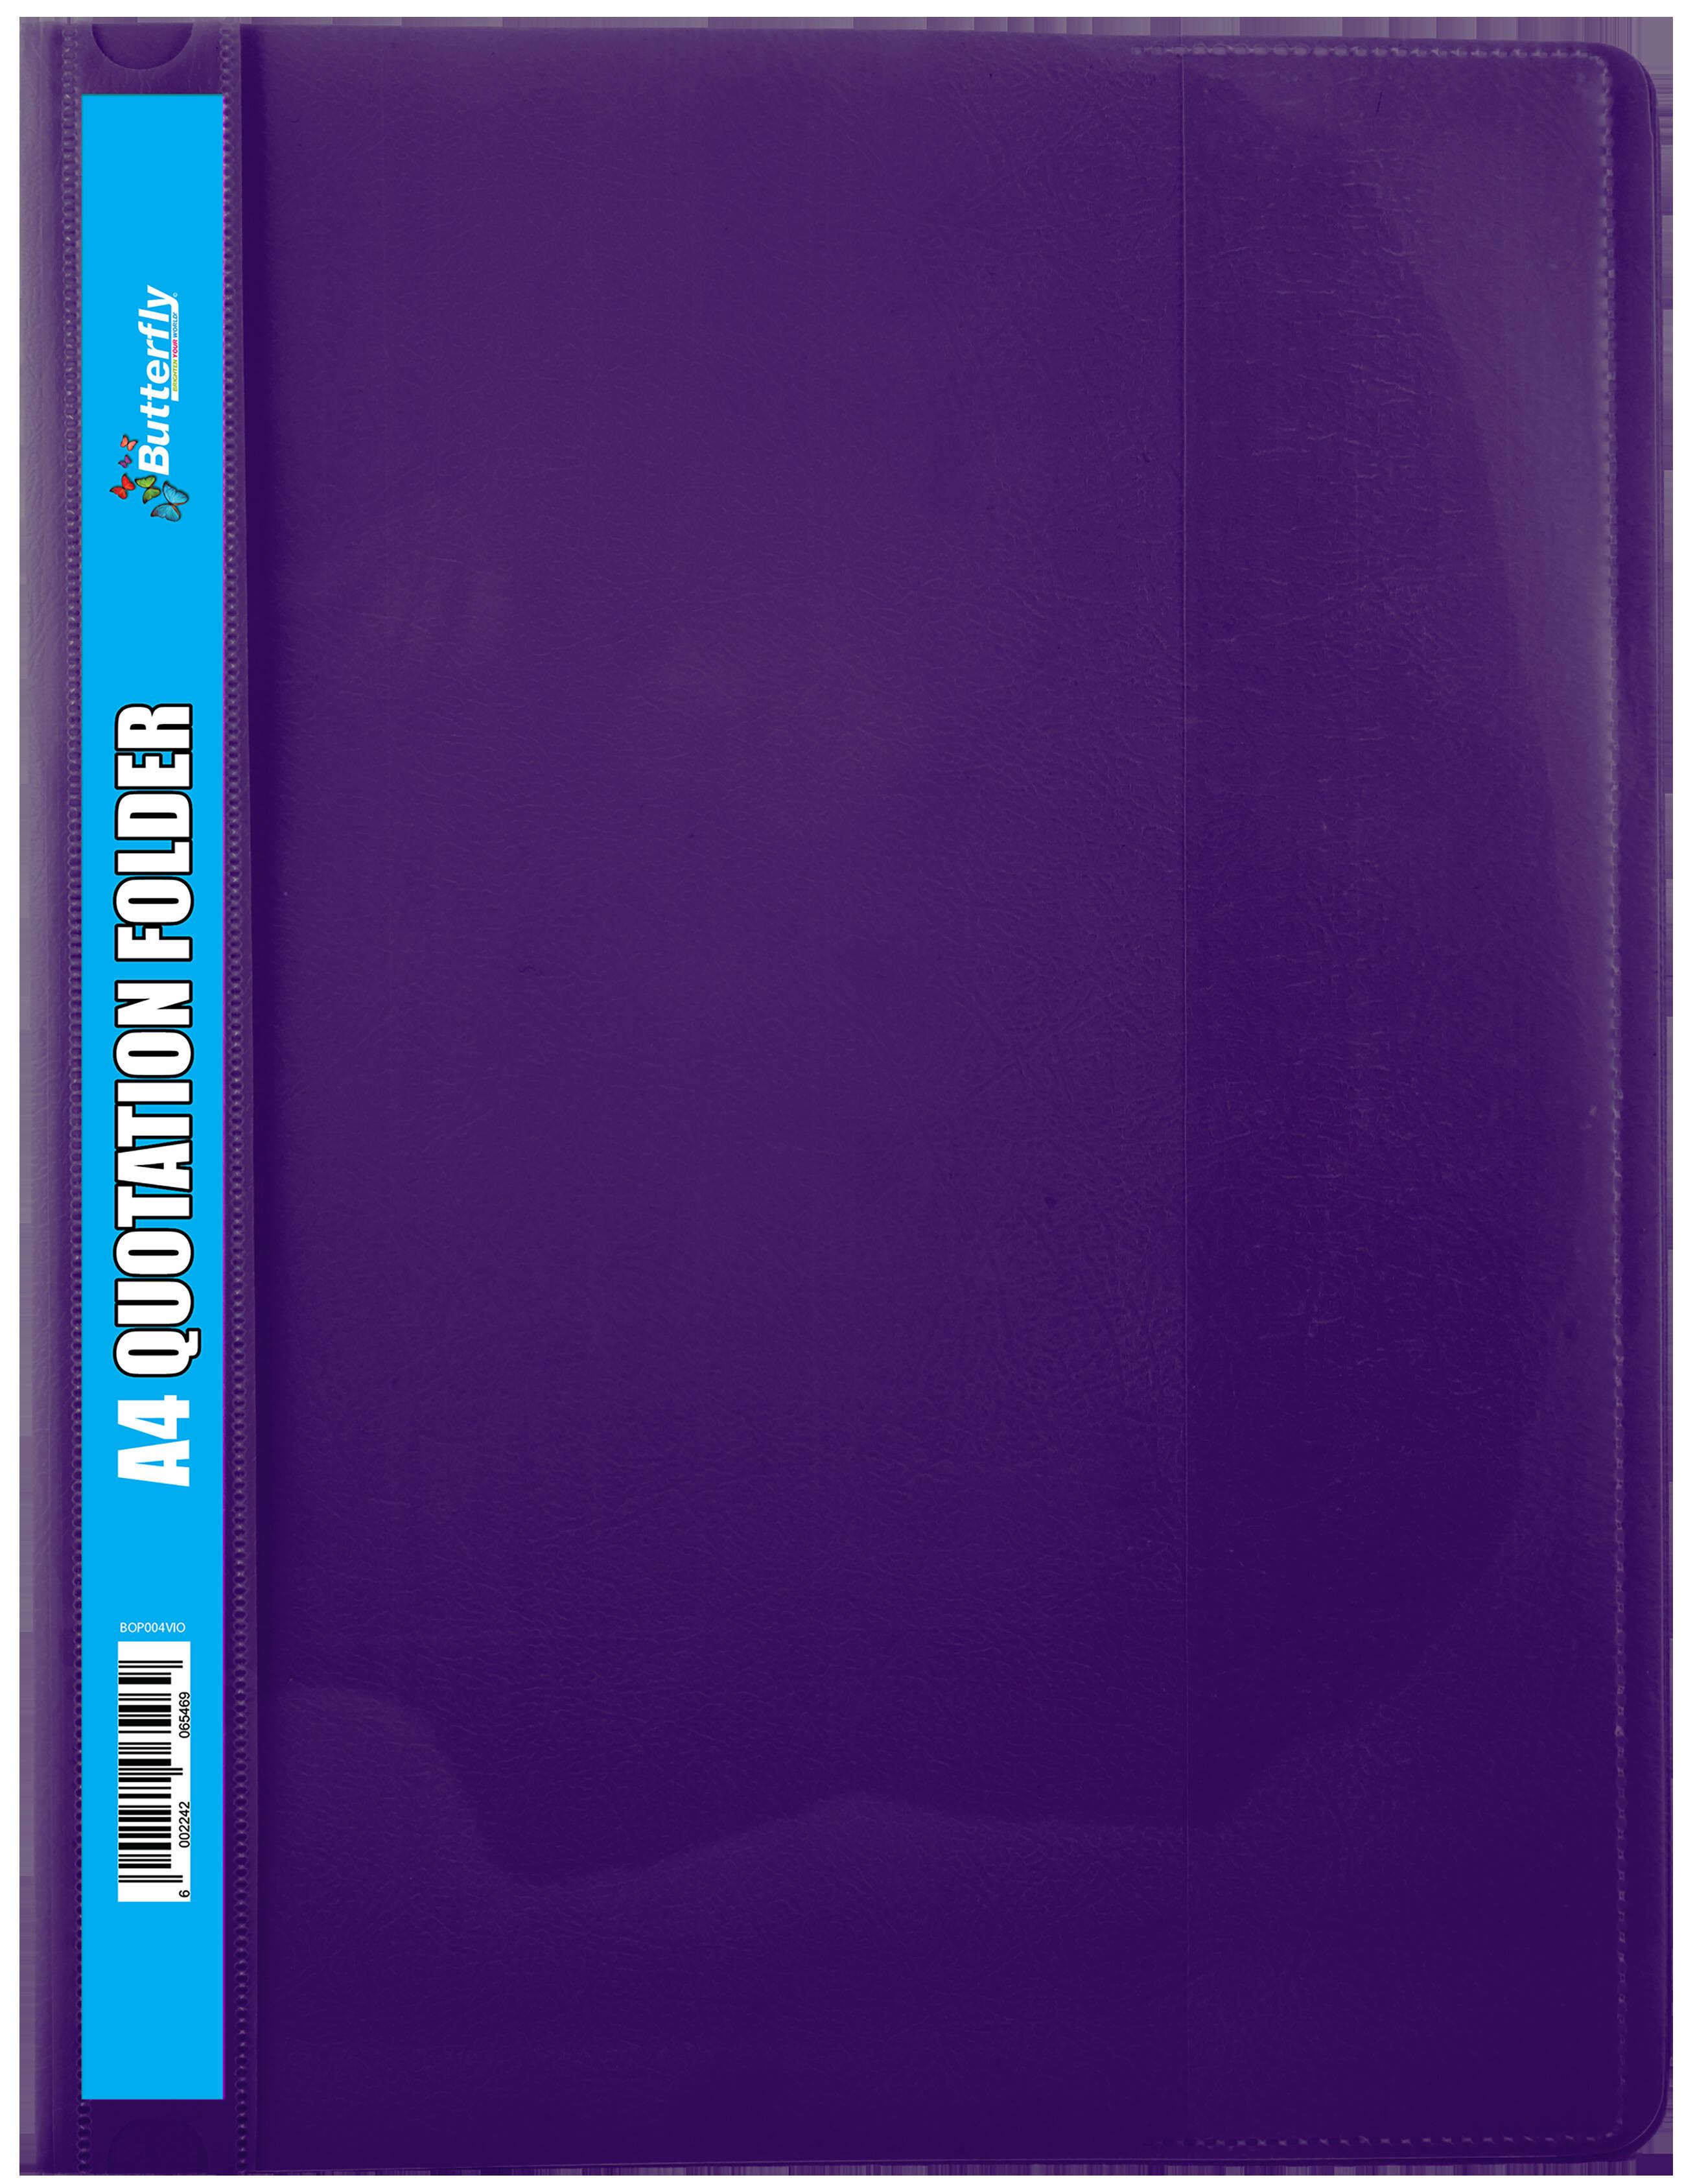 A4 Quotation Folders - 180 Micron - Violet